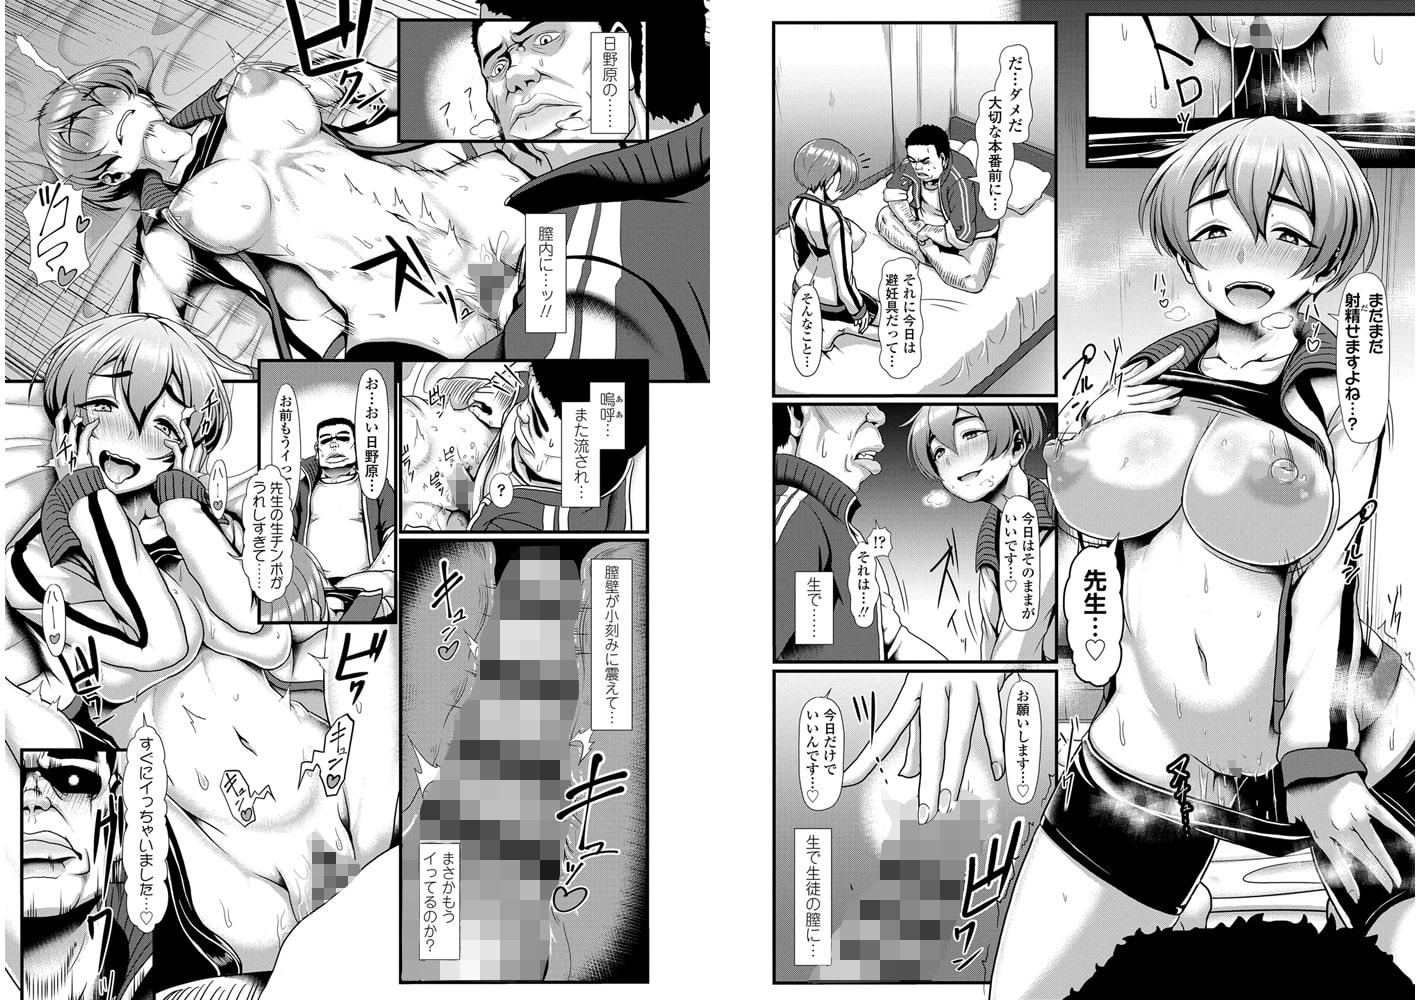 サカれ性春!! 裸外活動【DLsite限定特典付き】